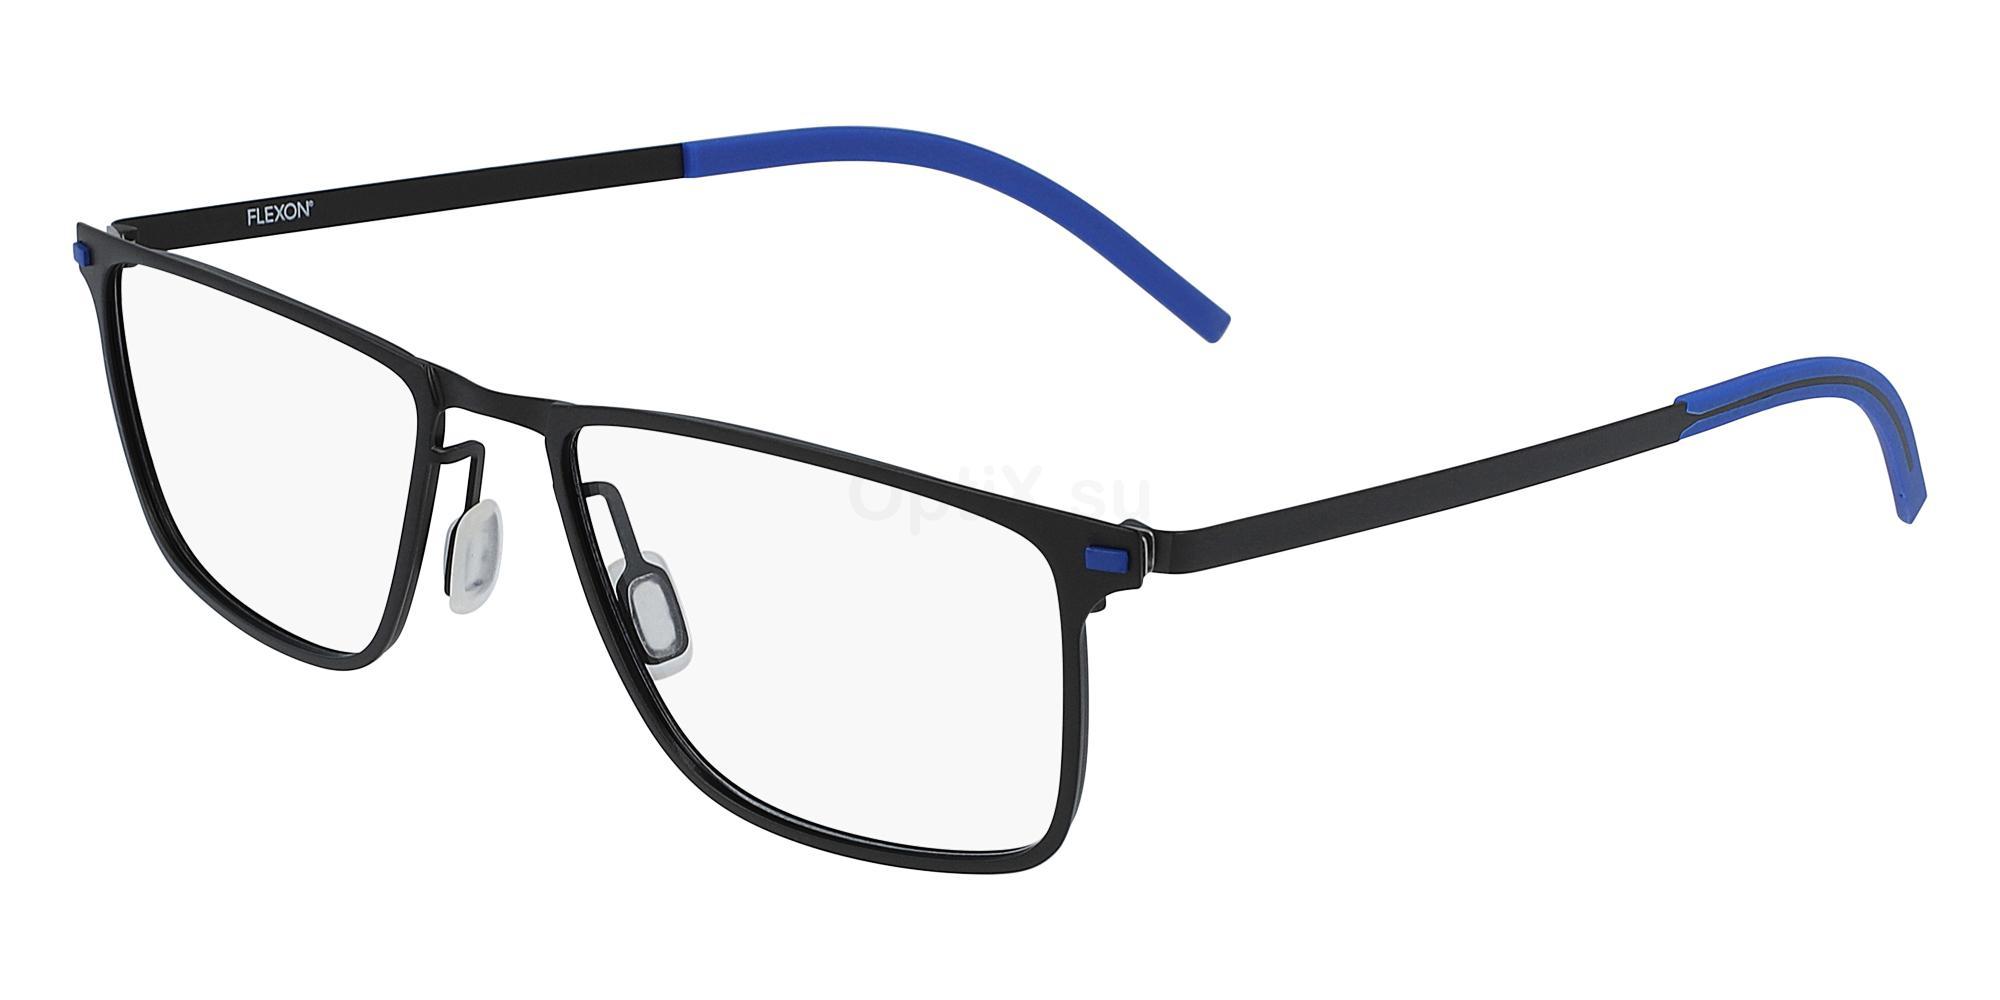 001 FLEXON B2026 Glasses, Flexon